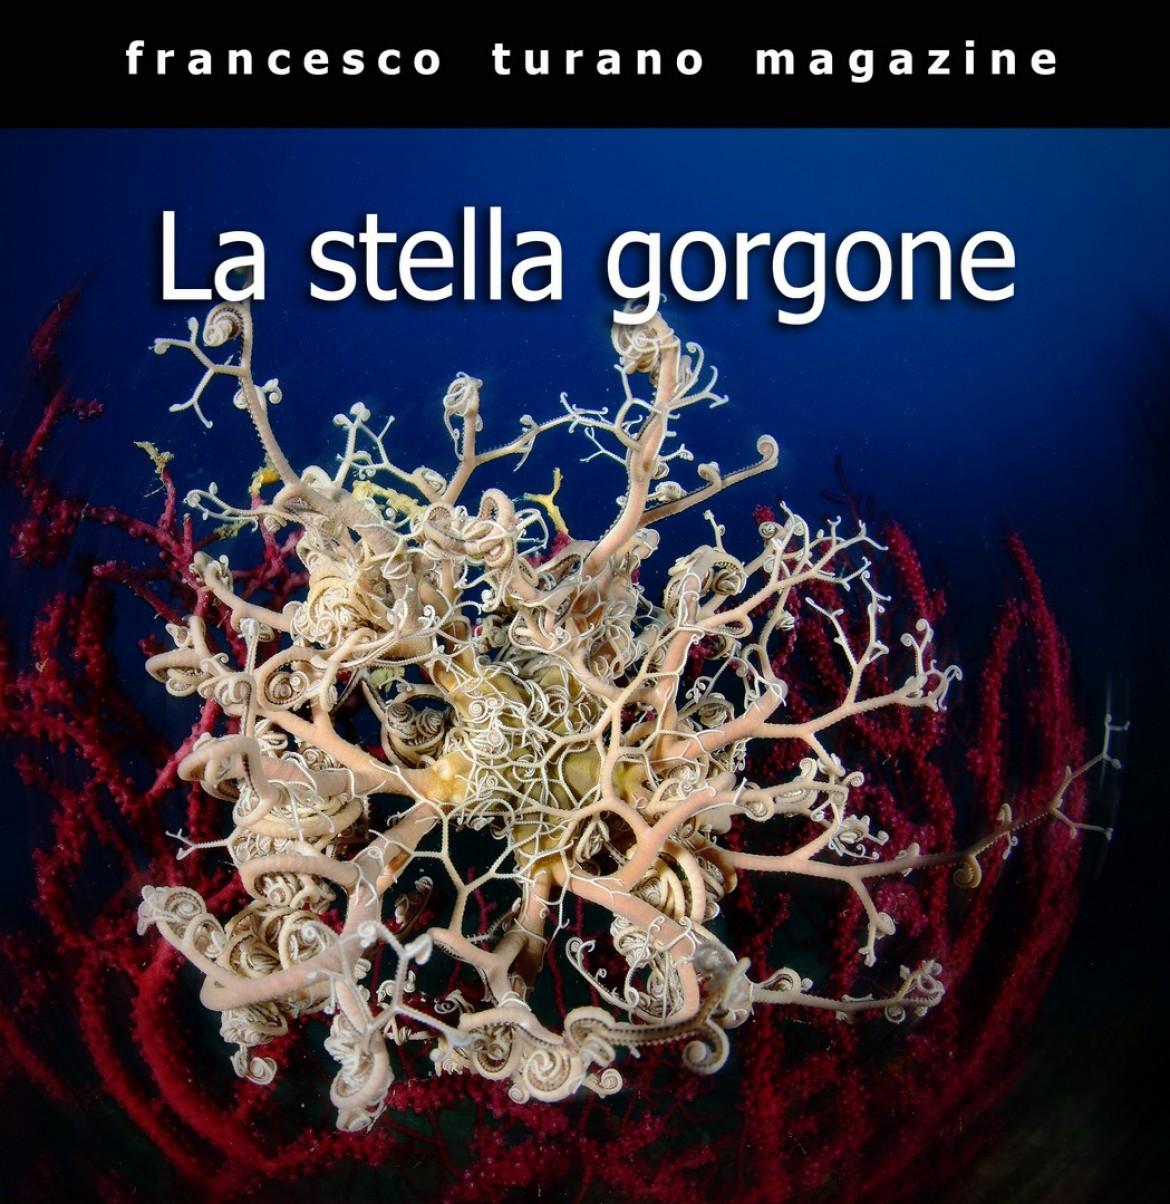 BIOREPORTAGE – LA STELLA GORGONE